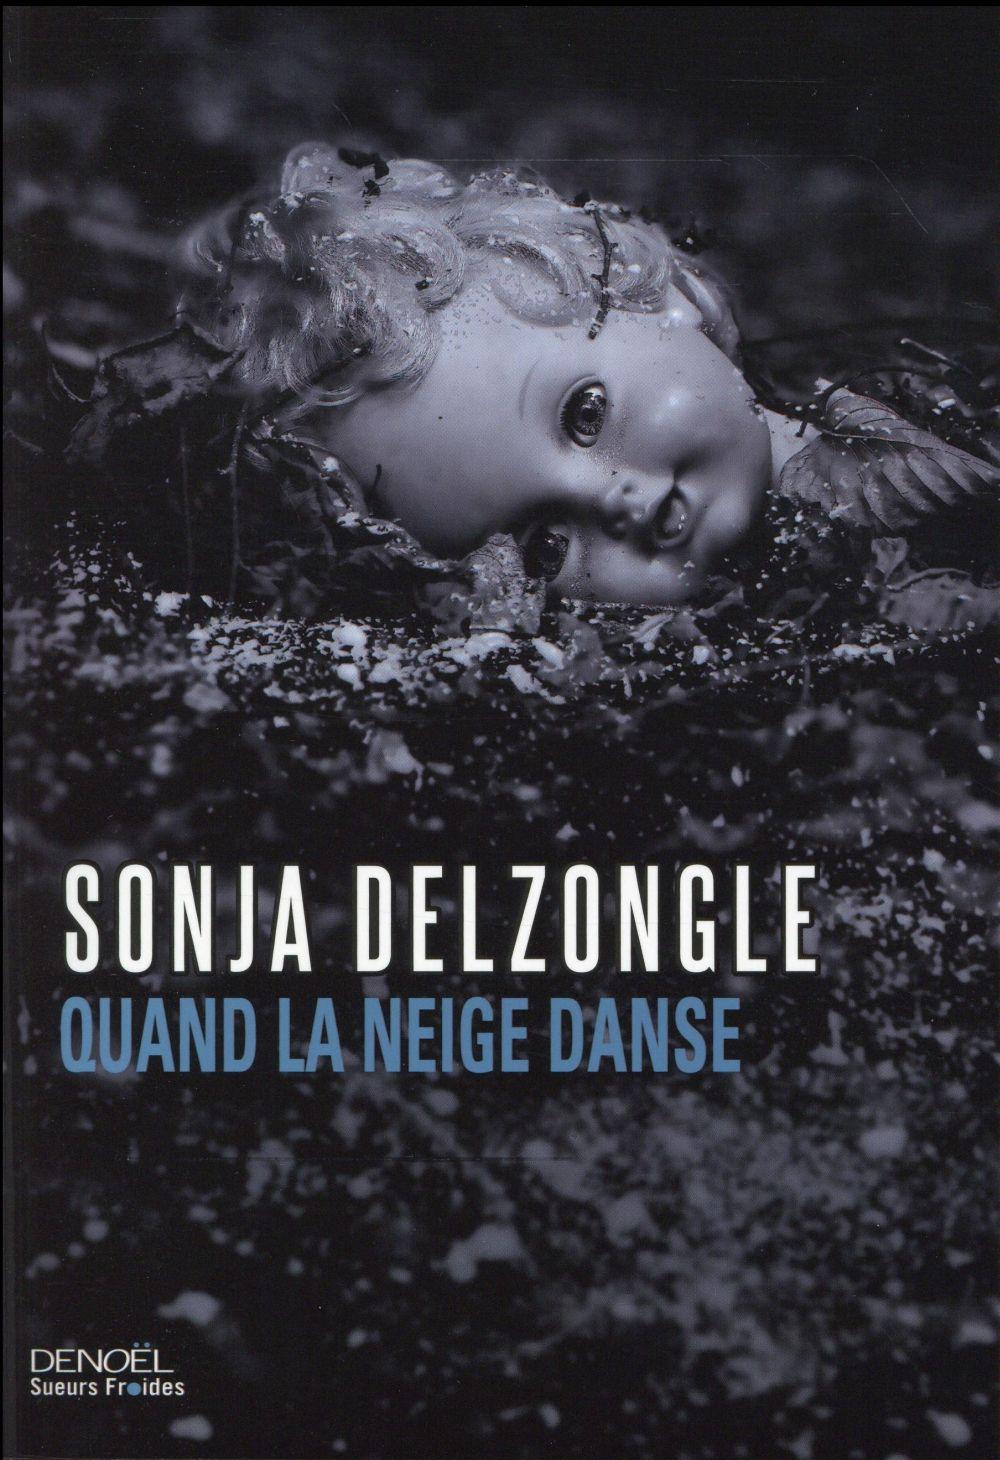 Delzongle Sonia - QUAND LA NEIGE DANSE